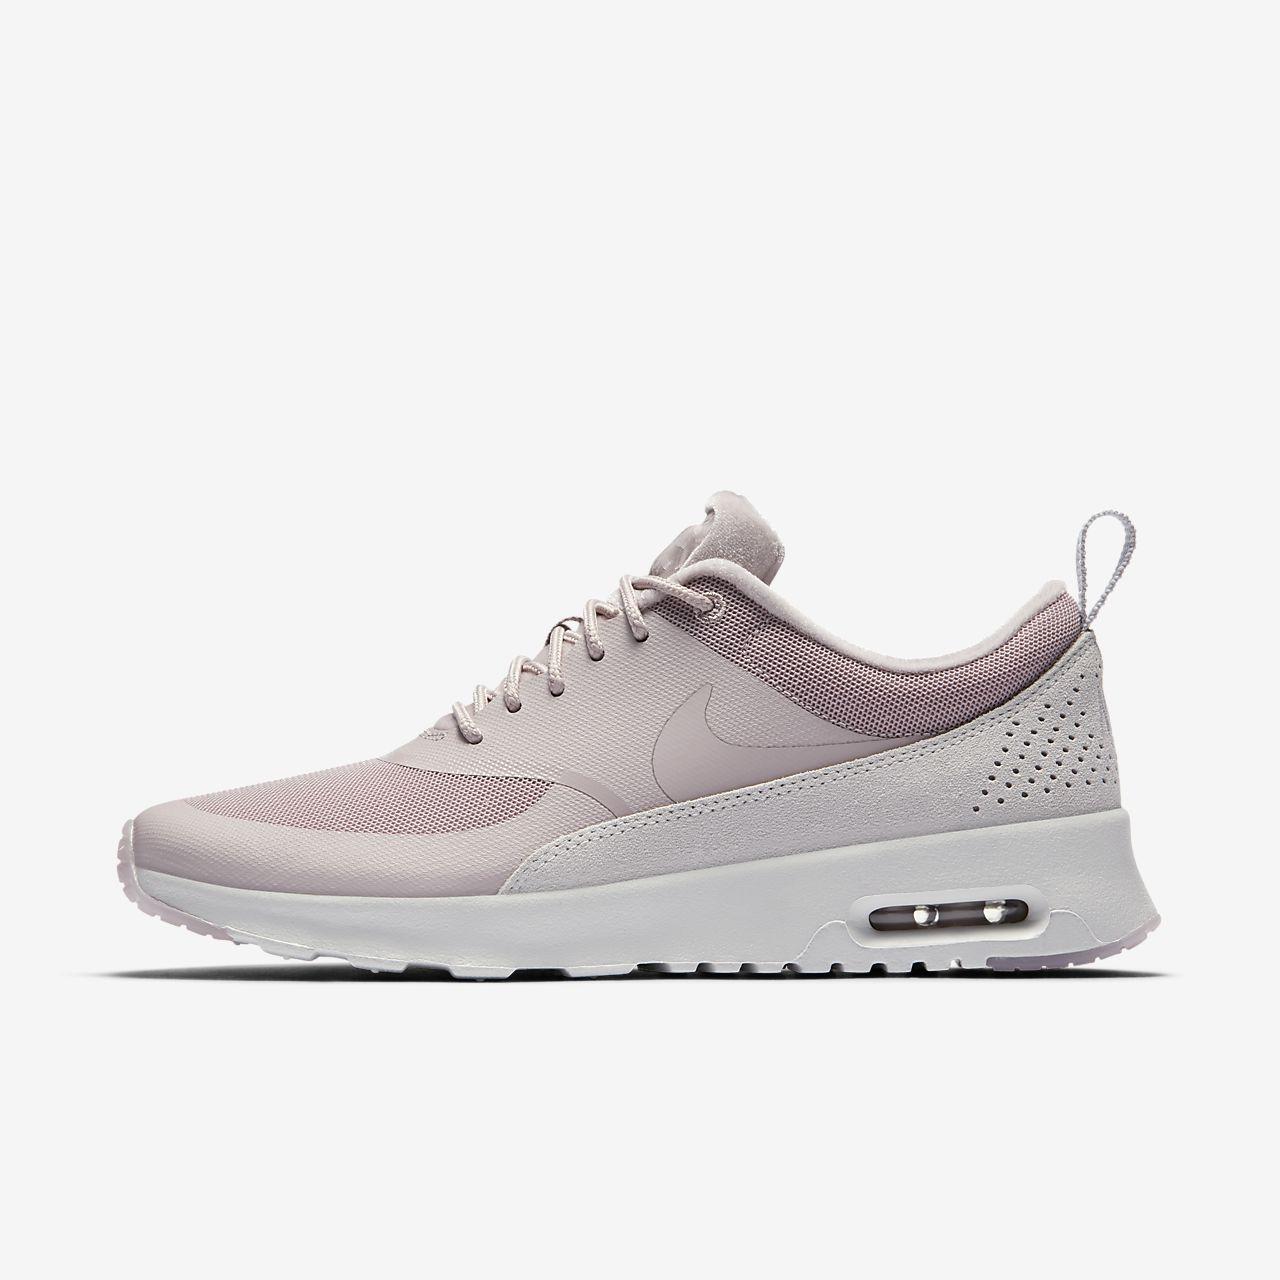 ... Nike Air Max Thea LX Damenschuh